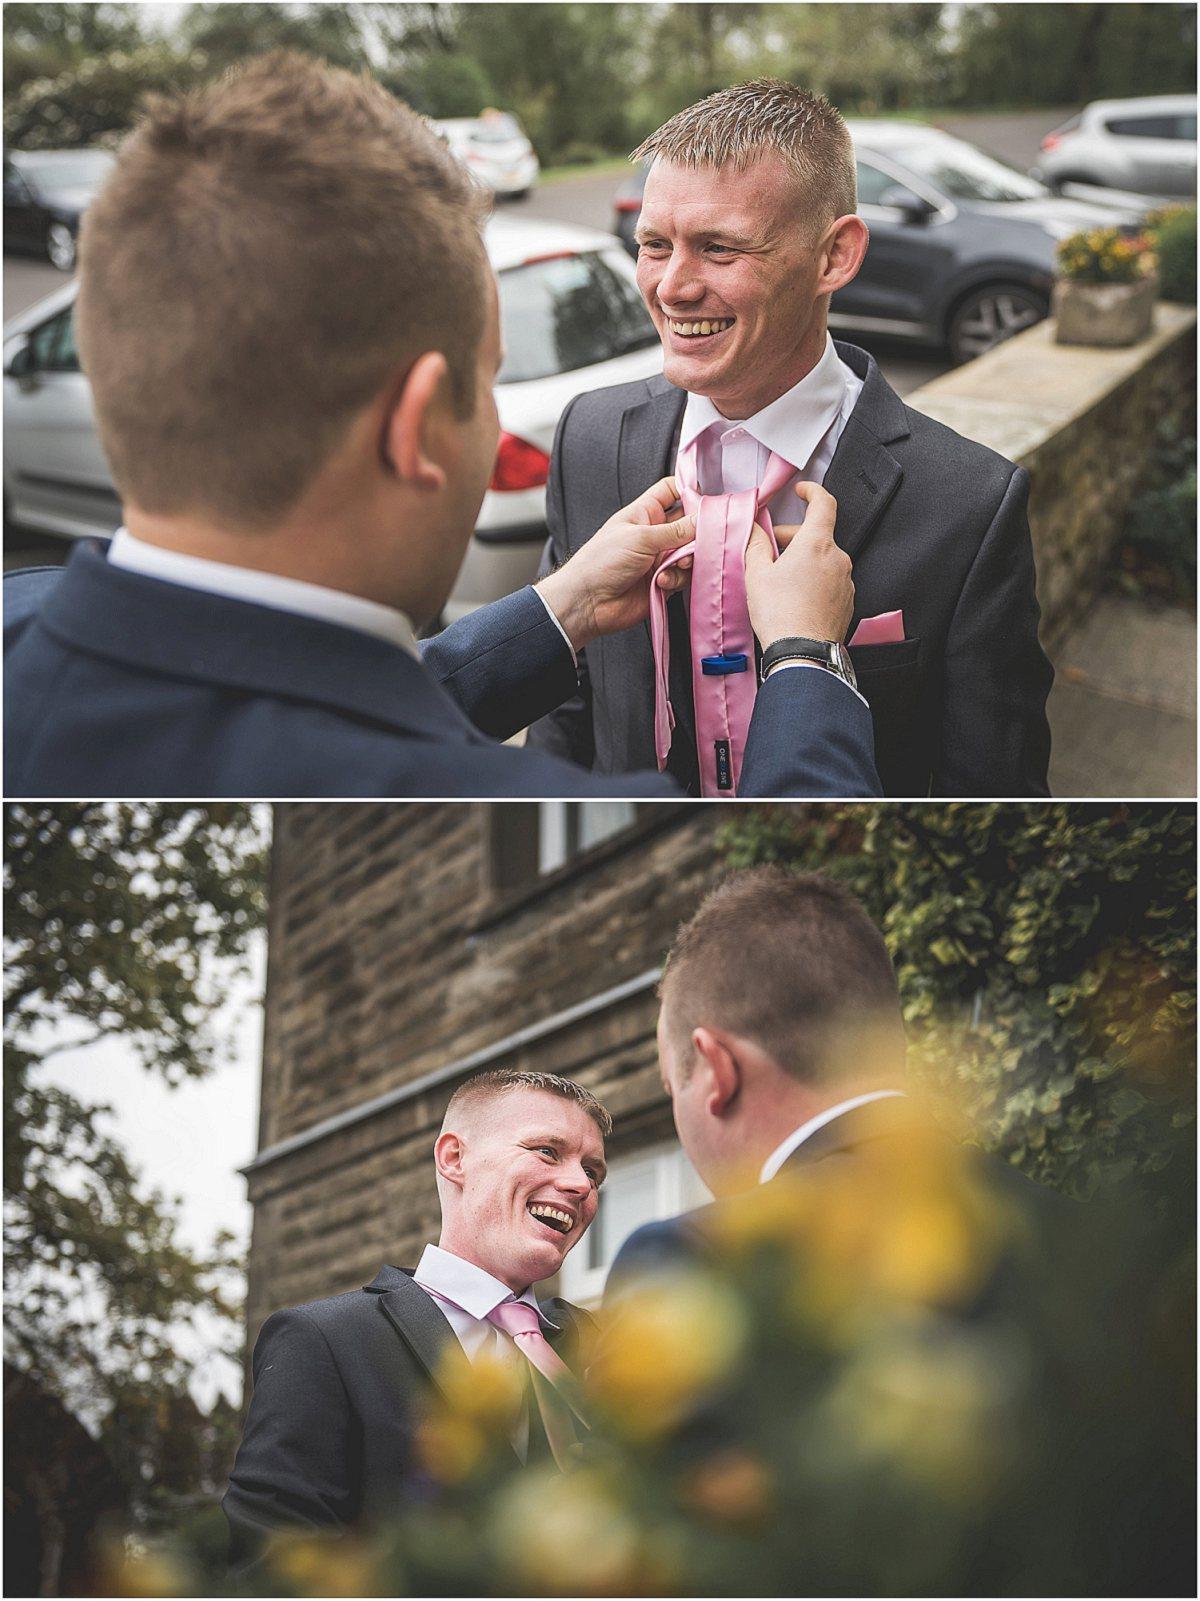 Groomsmen sorting the grooms tie